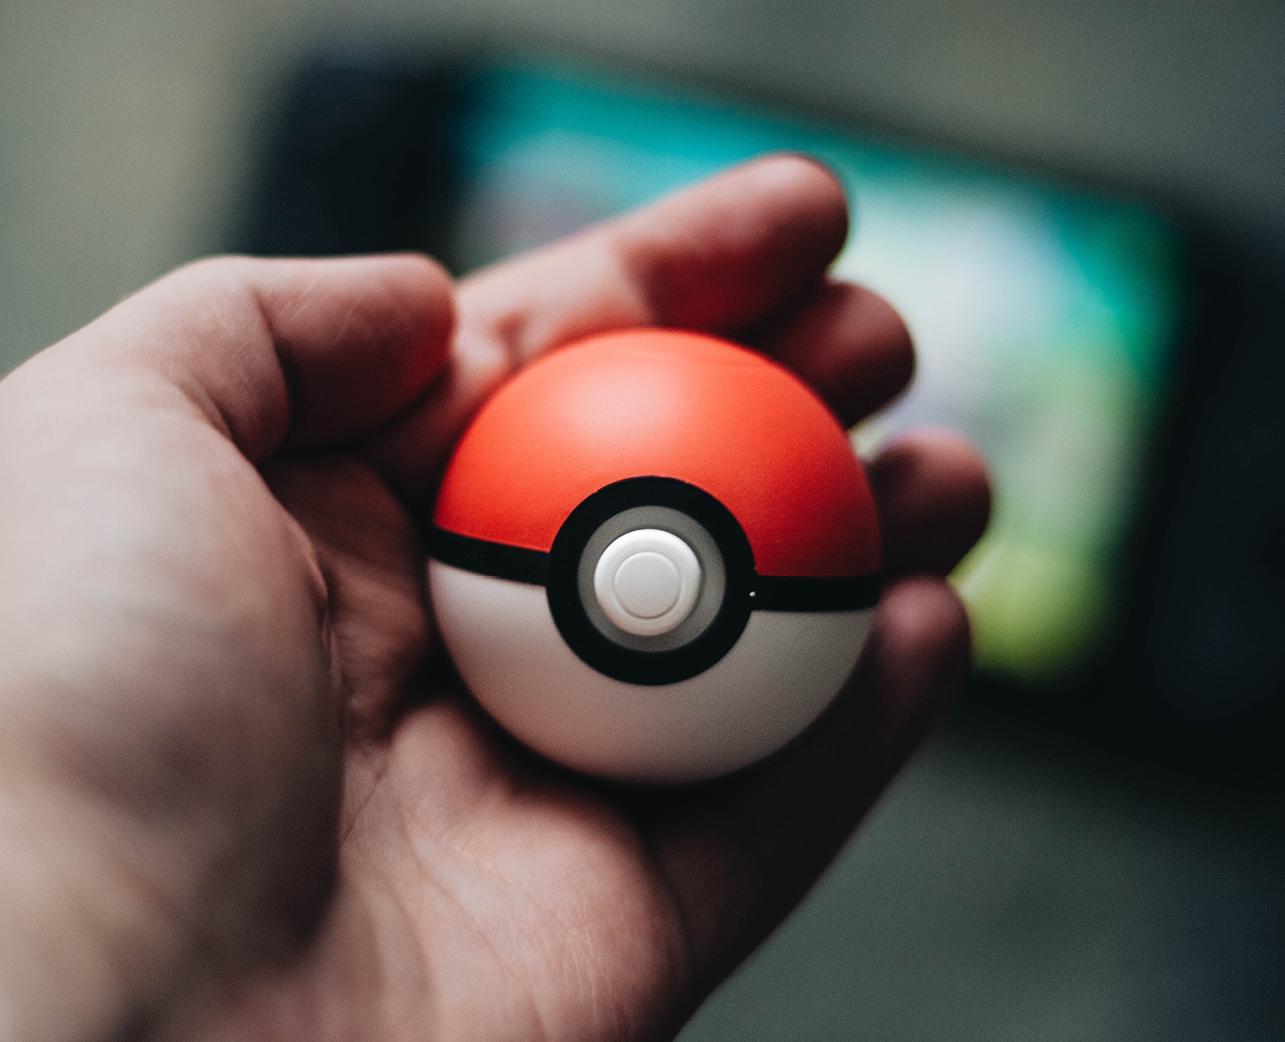 Pokémon Society (PokéSoc)